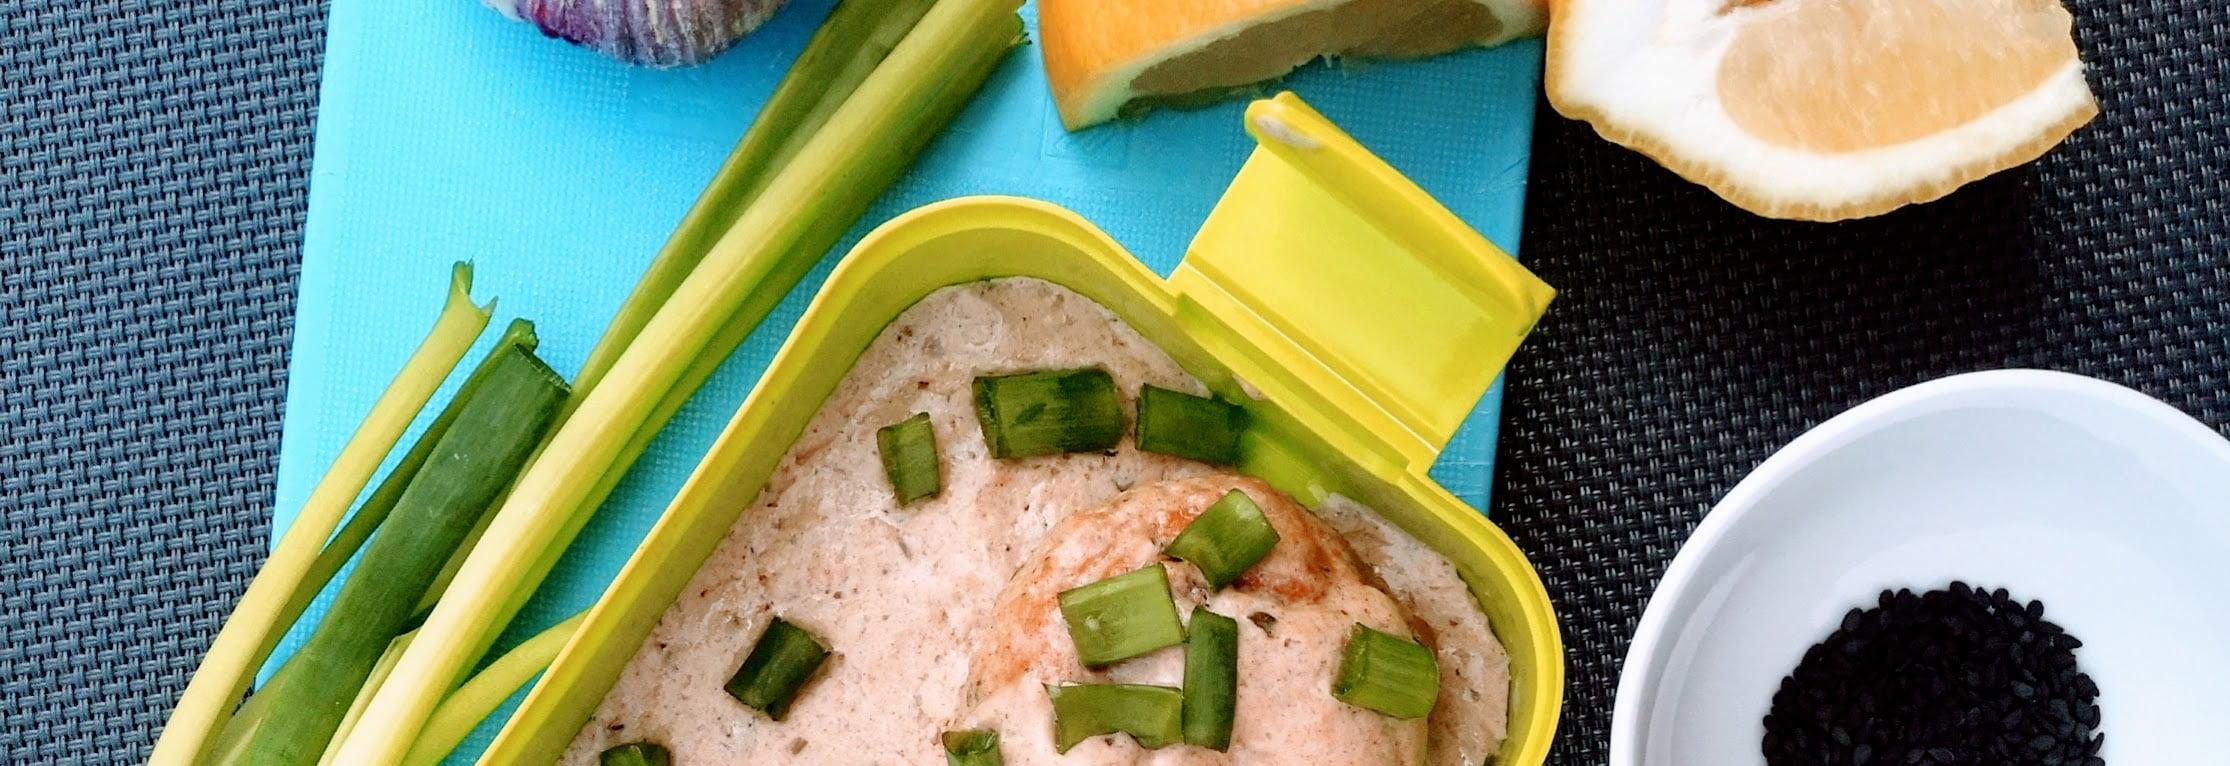 pulpeciki z indyka w sosie dla dzieci